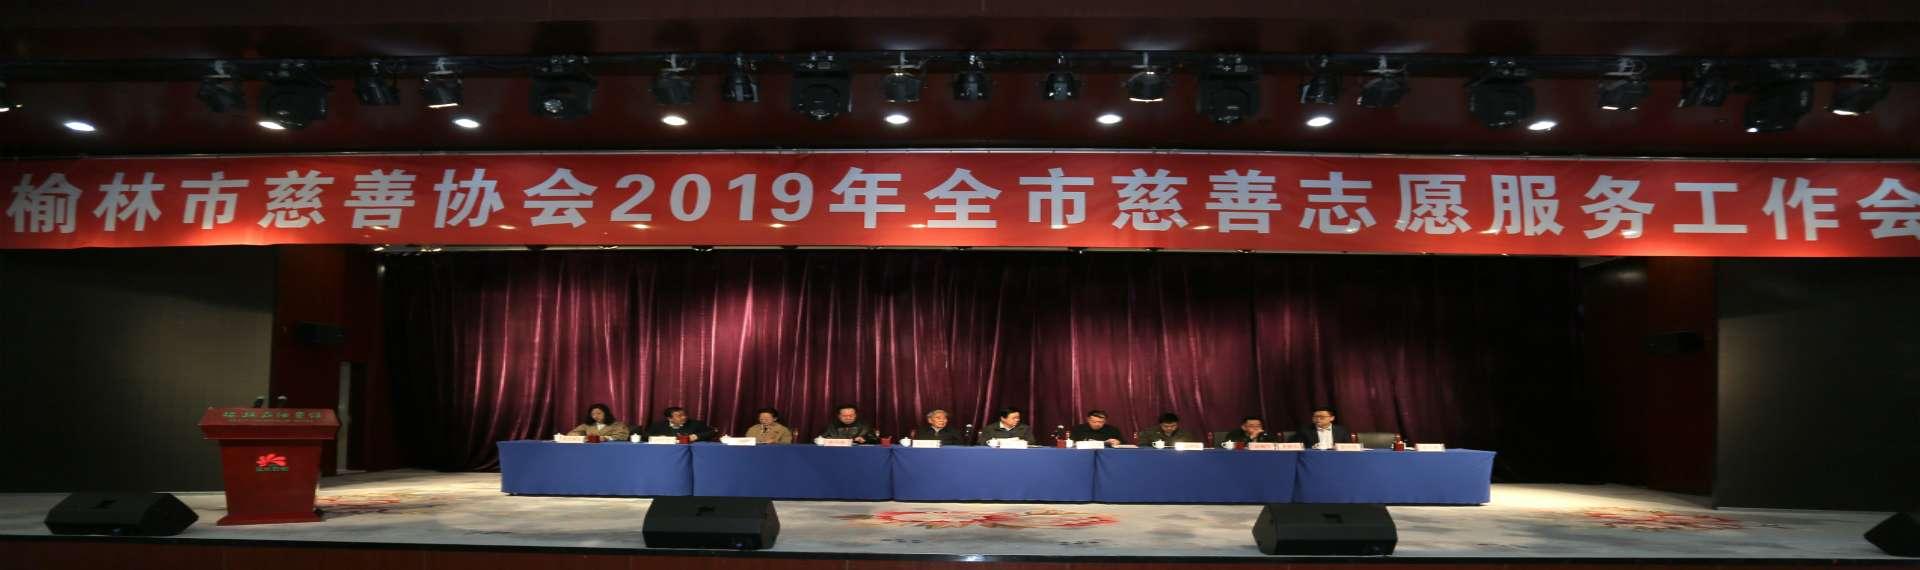 榆林市慈善协会2019年全市慈善志愿服务工作会议